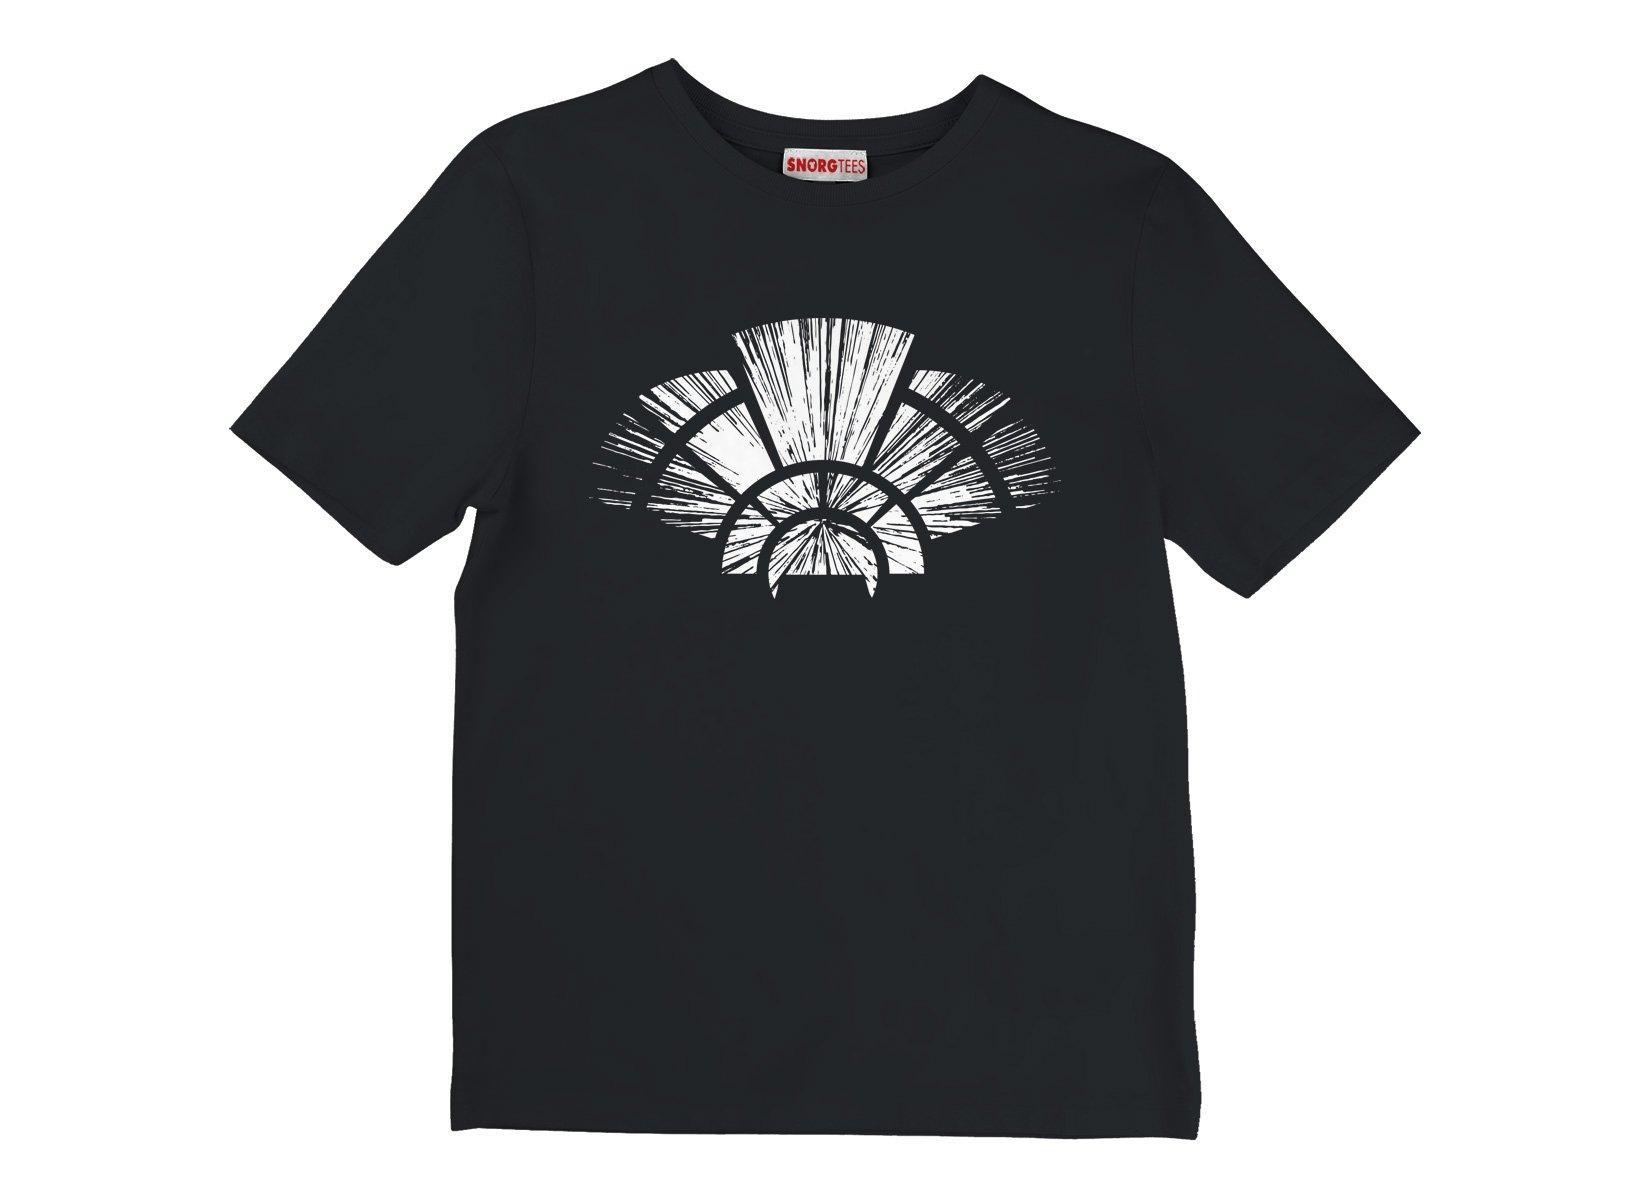 Hyperdrive on Kids T-Shirt